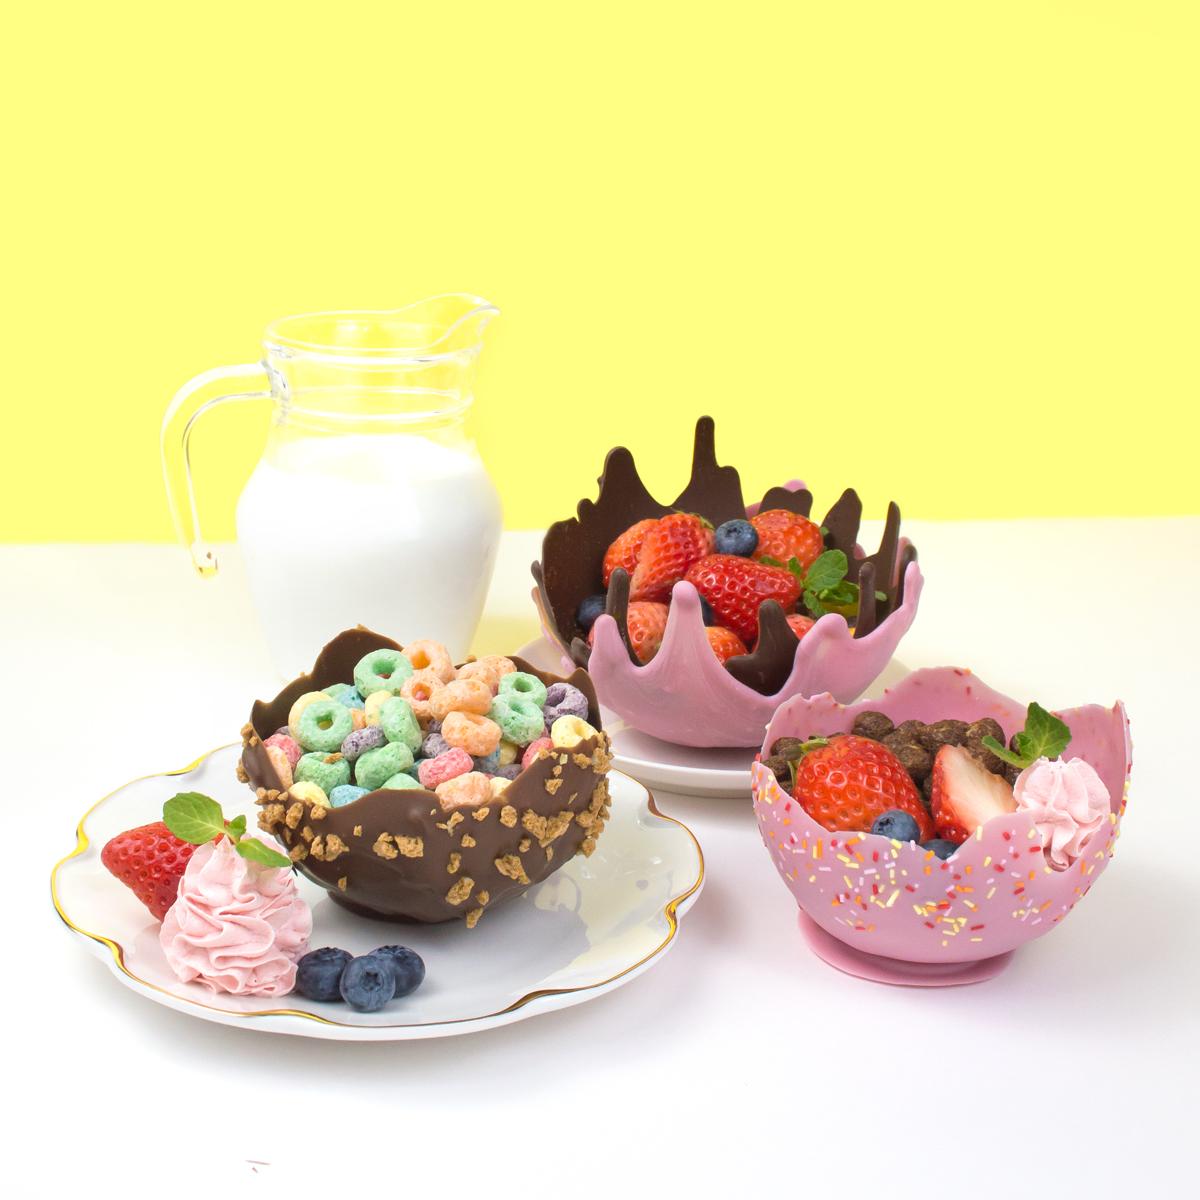 食べれるお皿!風船で作る簡単チョコレートボウルの作り方 <br><small>Edible Chocolate Bowl</small>